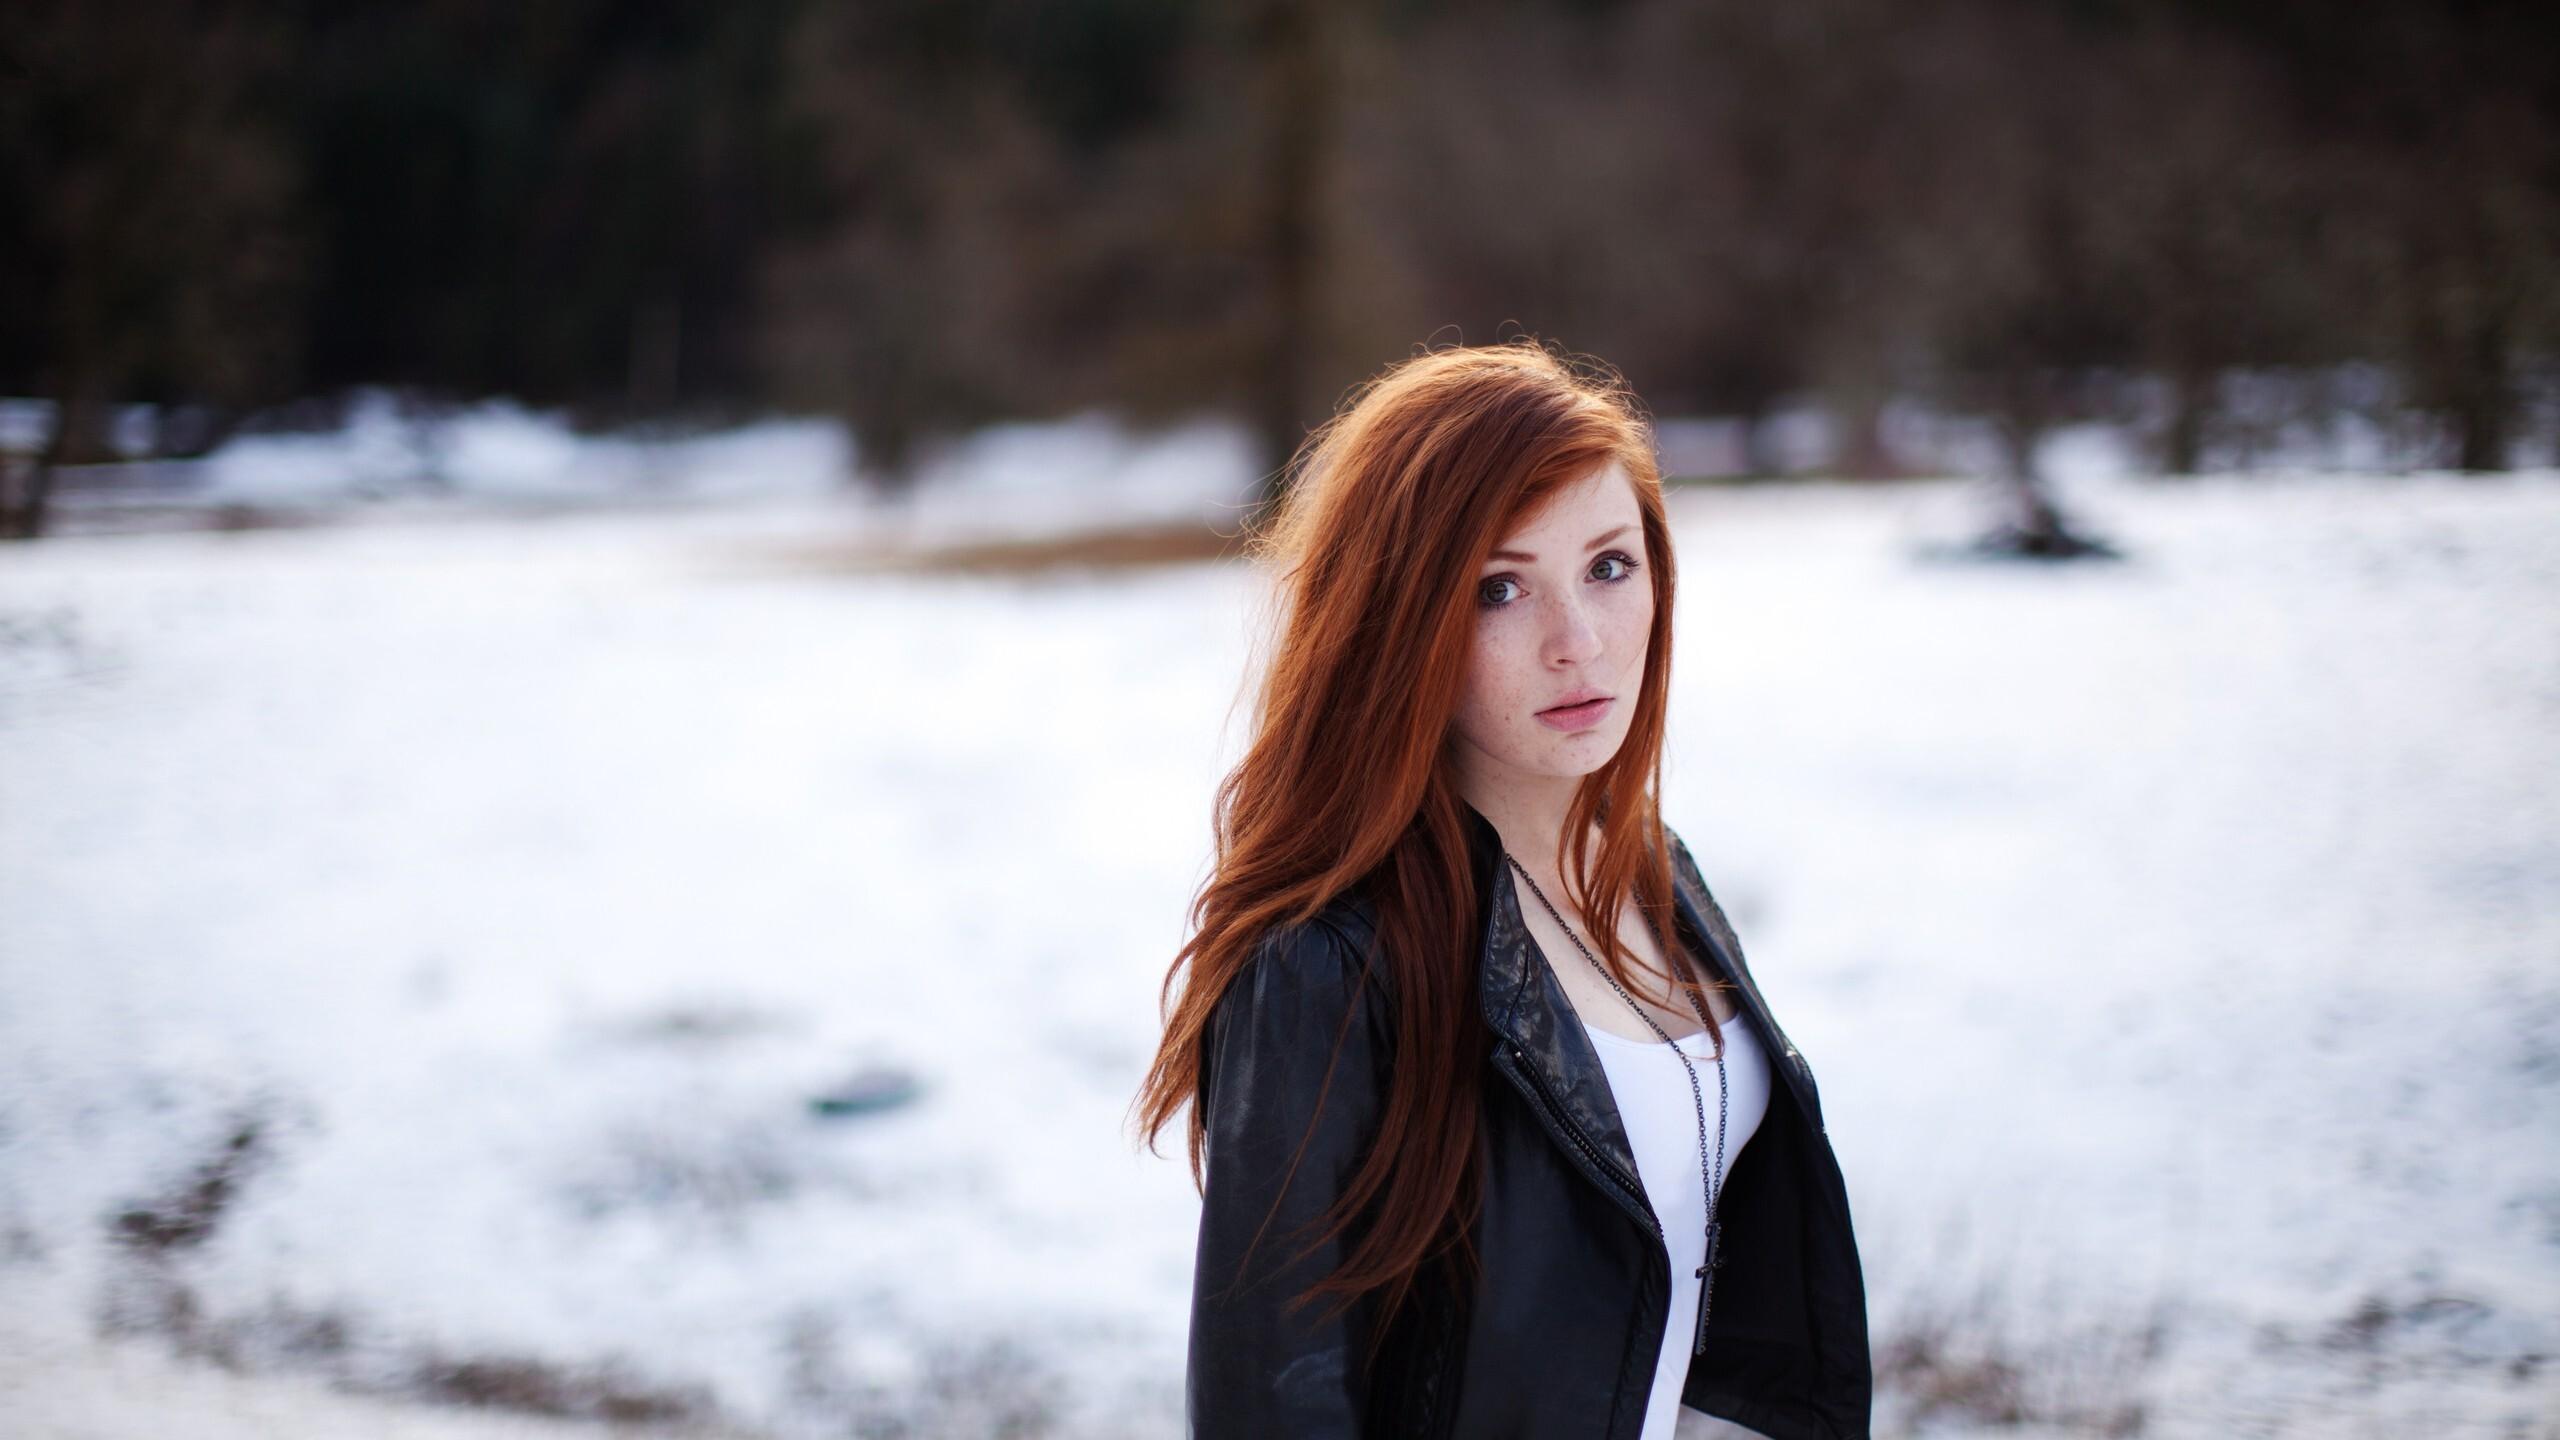 redhead-women-leather-jacket-in-winter-outdoors-e2.jpg